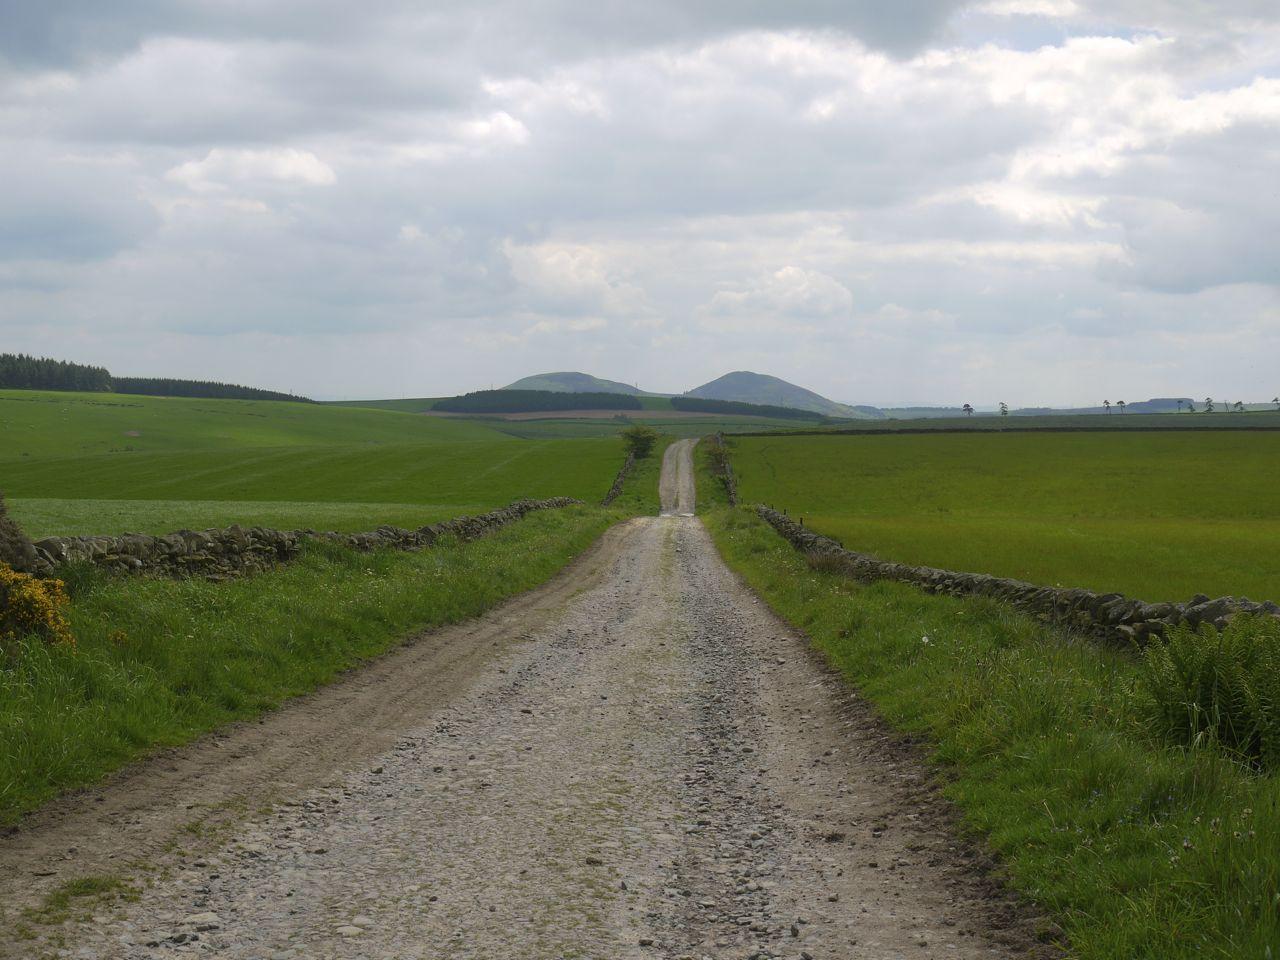 Roman road?